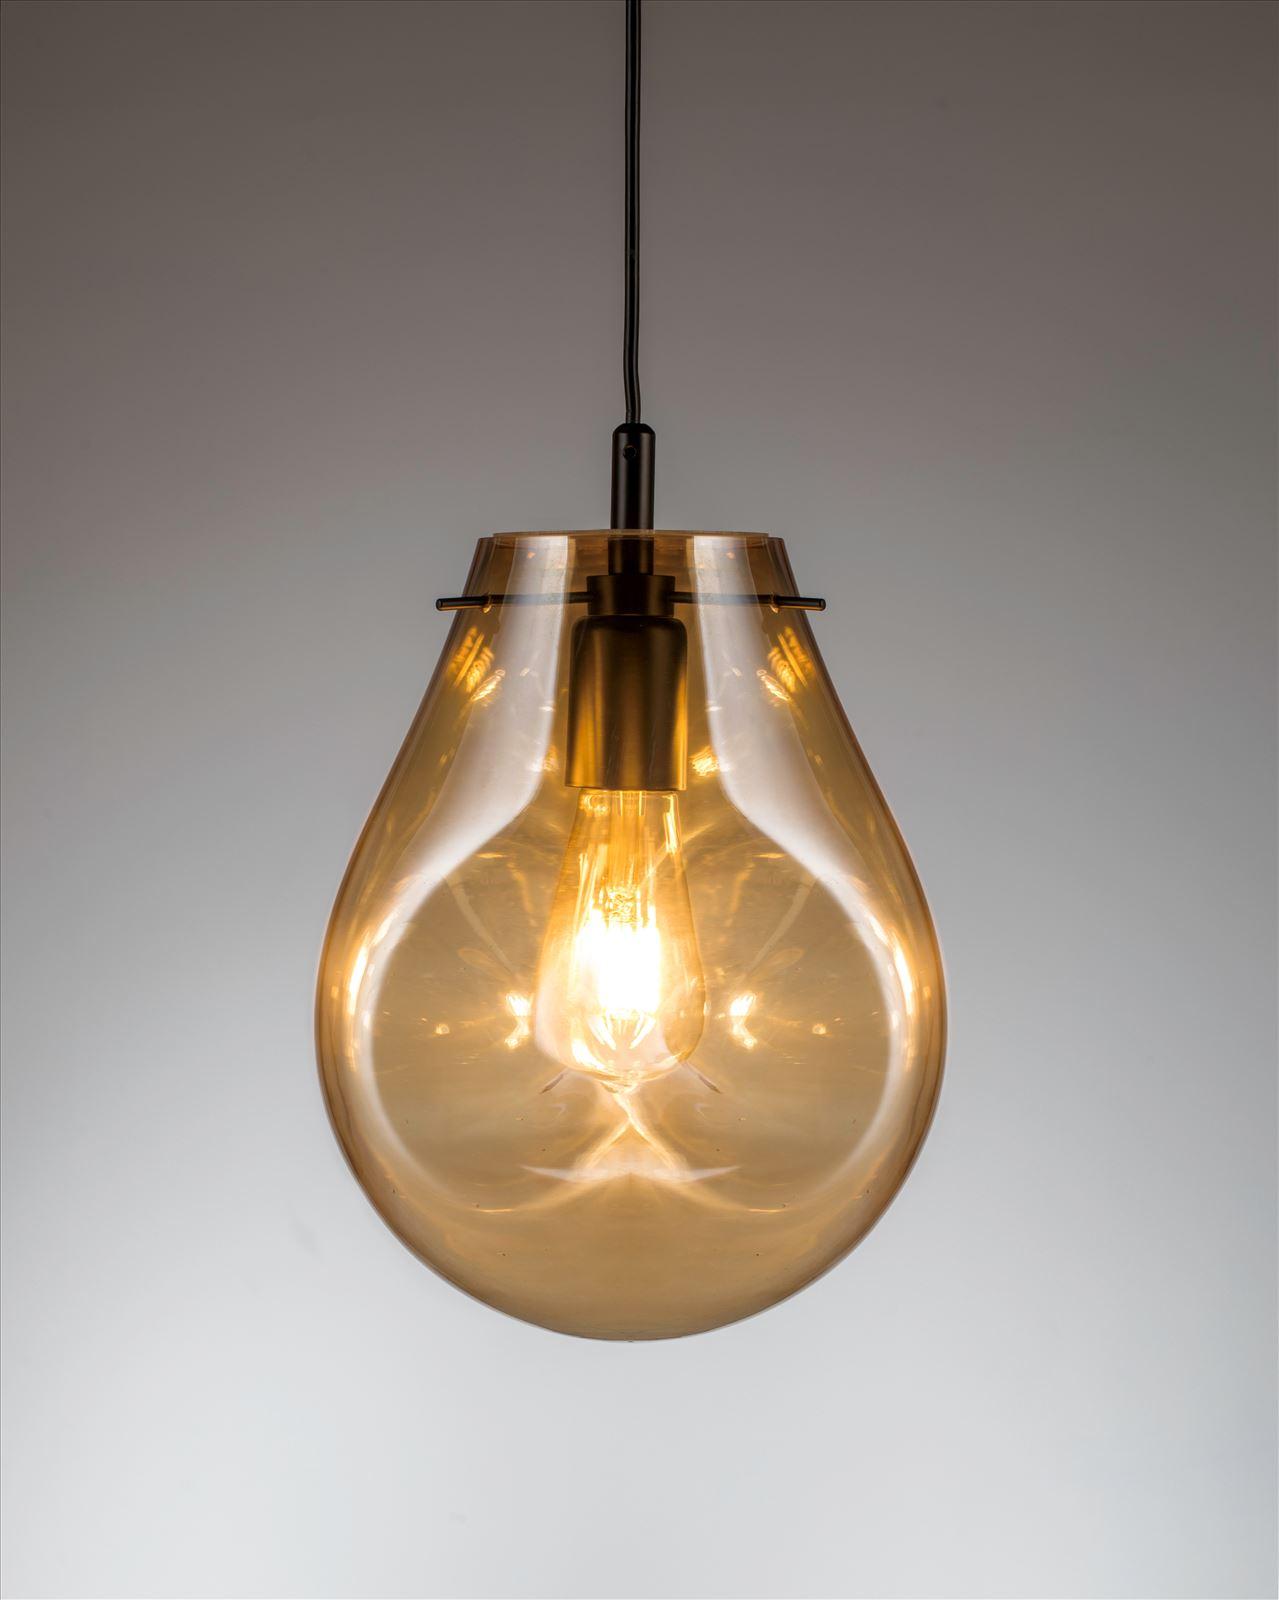 גופי תאורה מקטגוריית: SALE ,שם המוצר: DROP